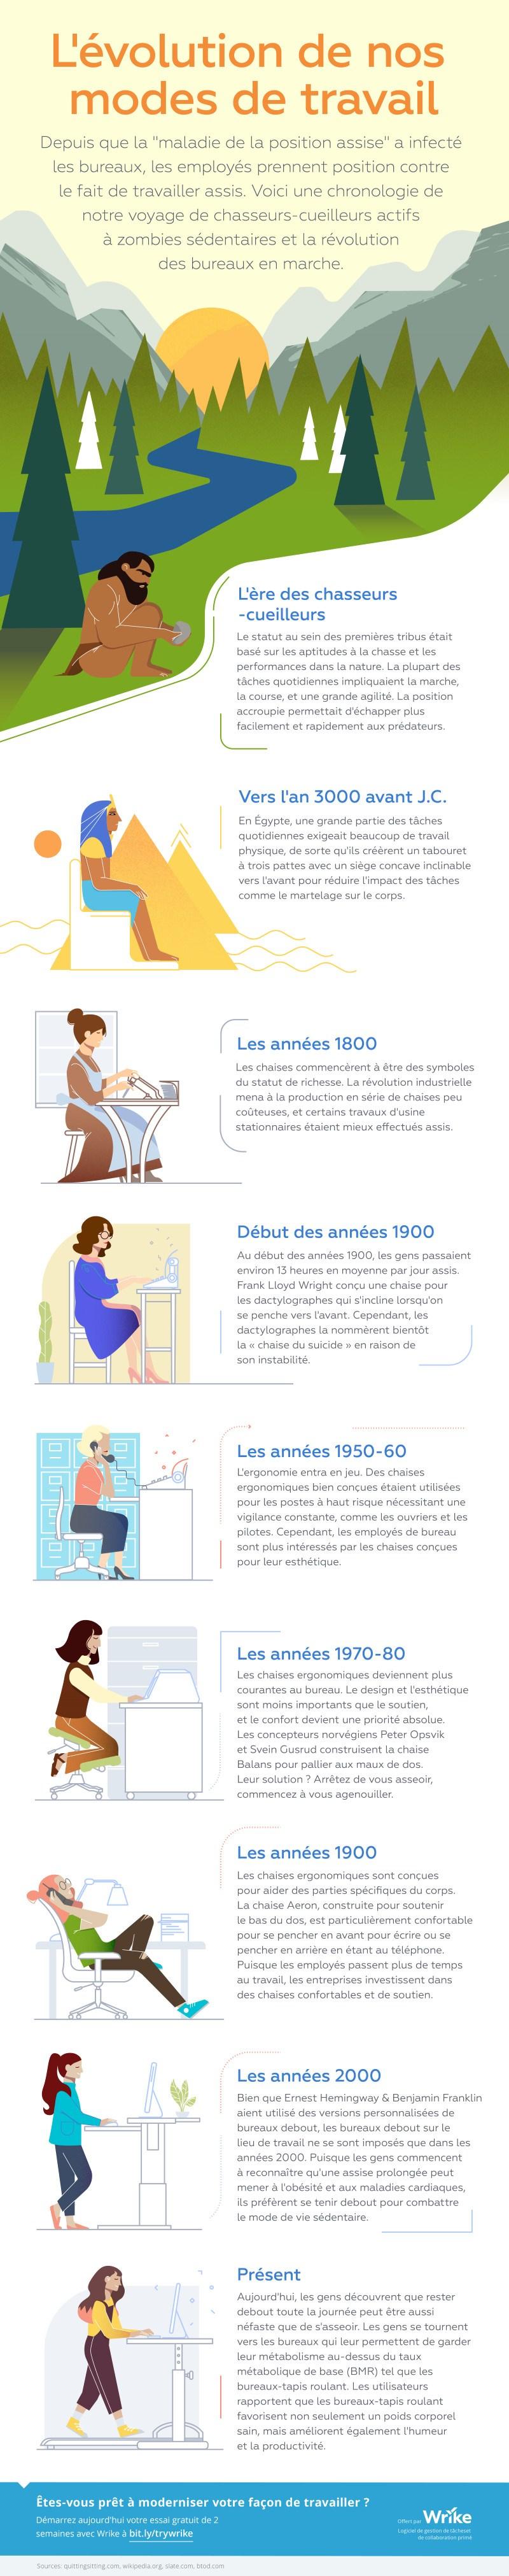 Prendre position : l'évolution de l'employé de bureau en infographie